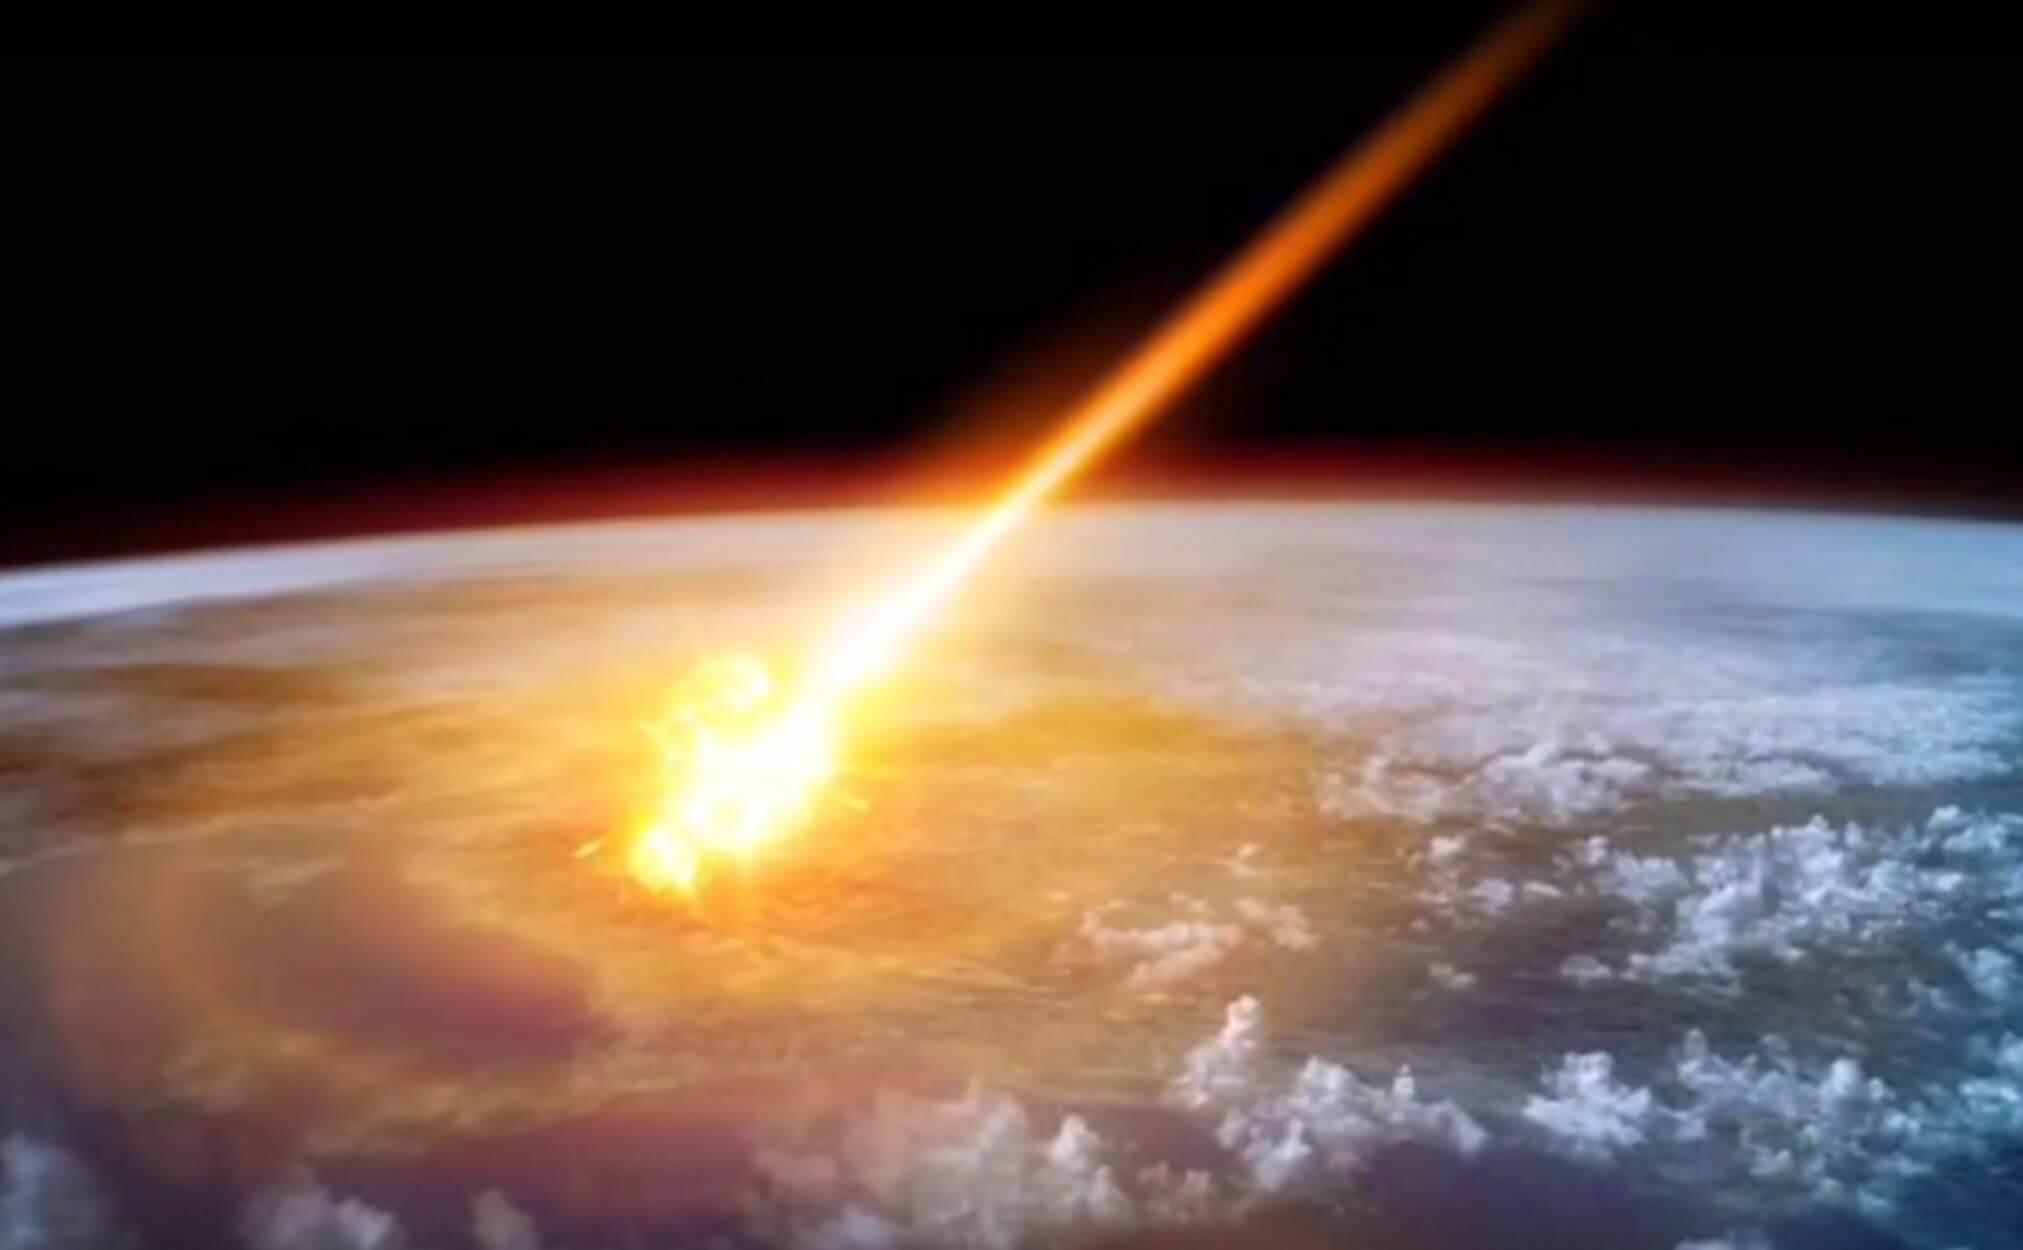 Σούπερ - μετεωρίτης προκάλεσε γιγάντια έκρηξη ισοδύναμη με 10 βόμβες της Χιροσίμα! - video